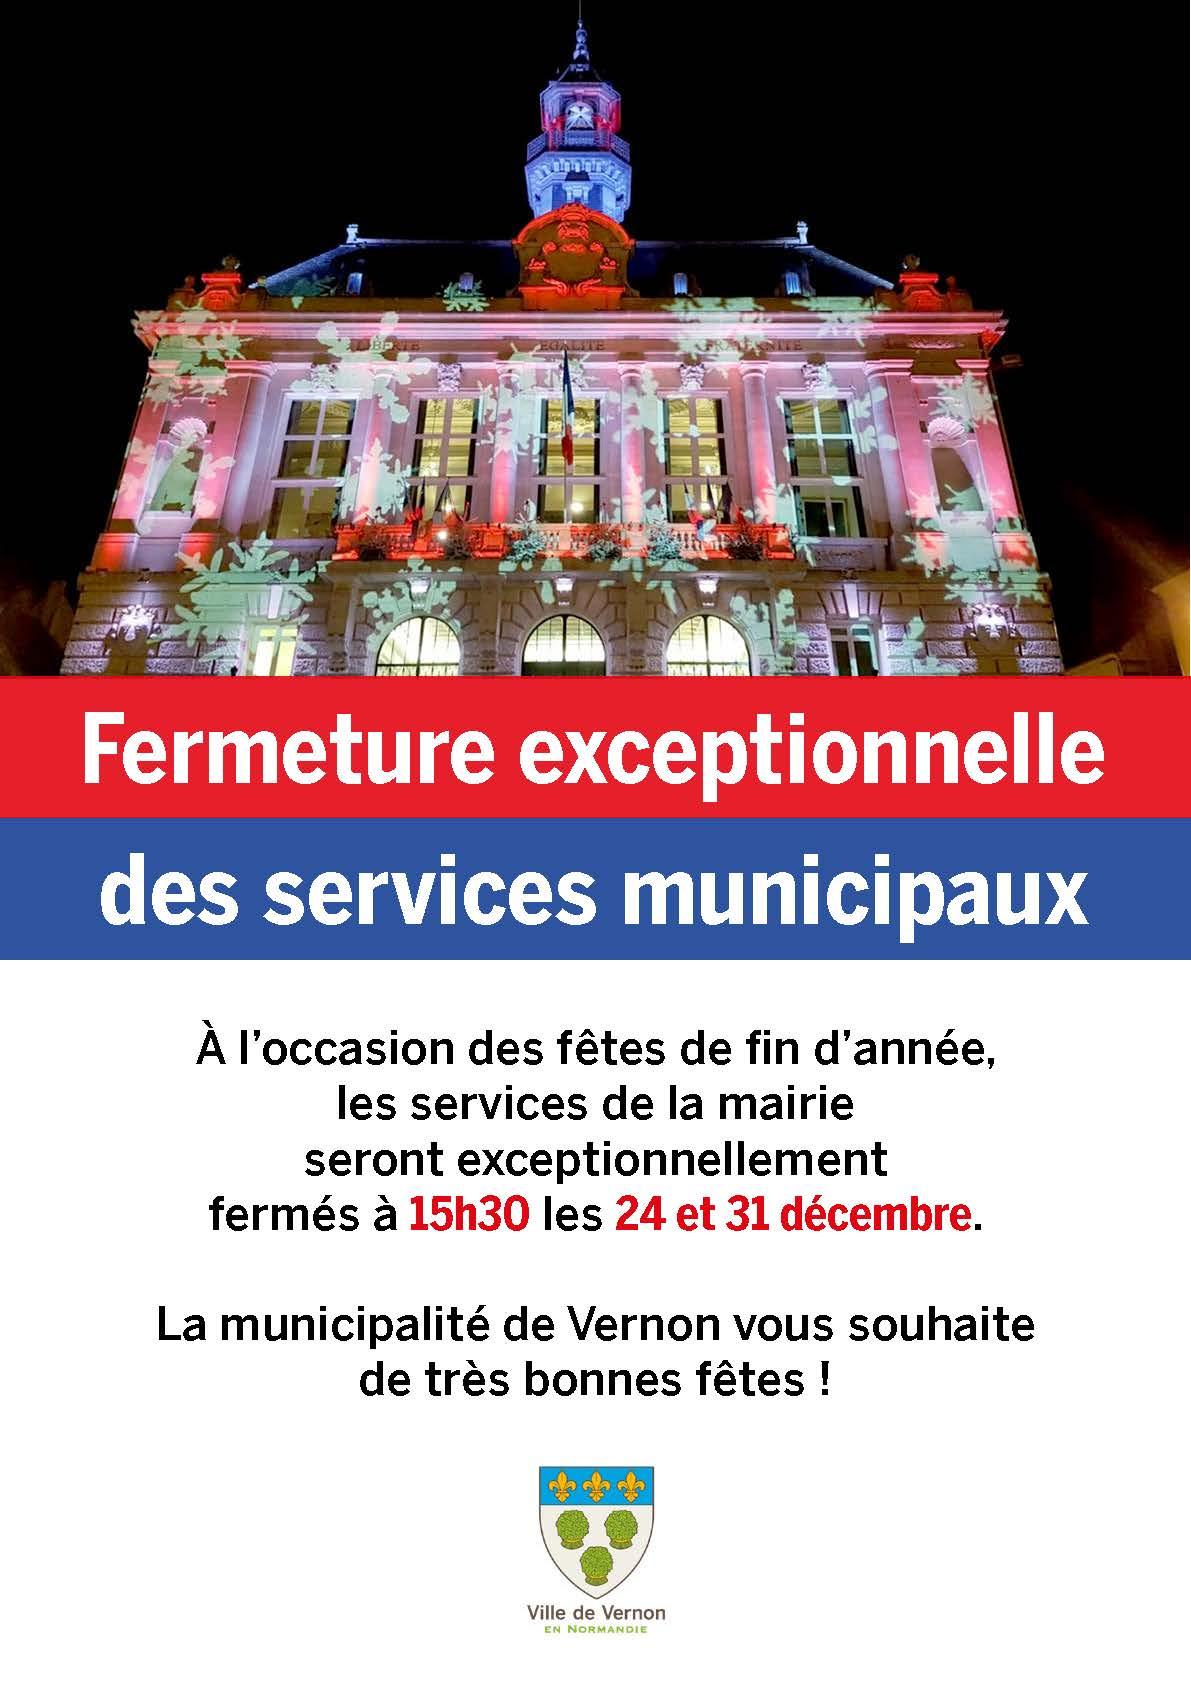 Fermeture exceptionnelle des services de la mairie fêtes de fin d'année Vernon 2018